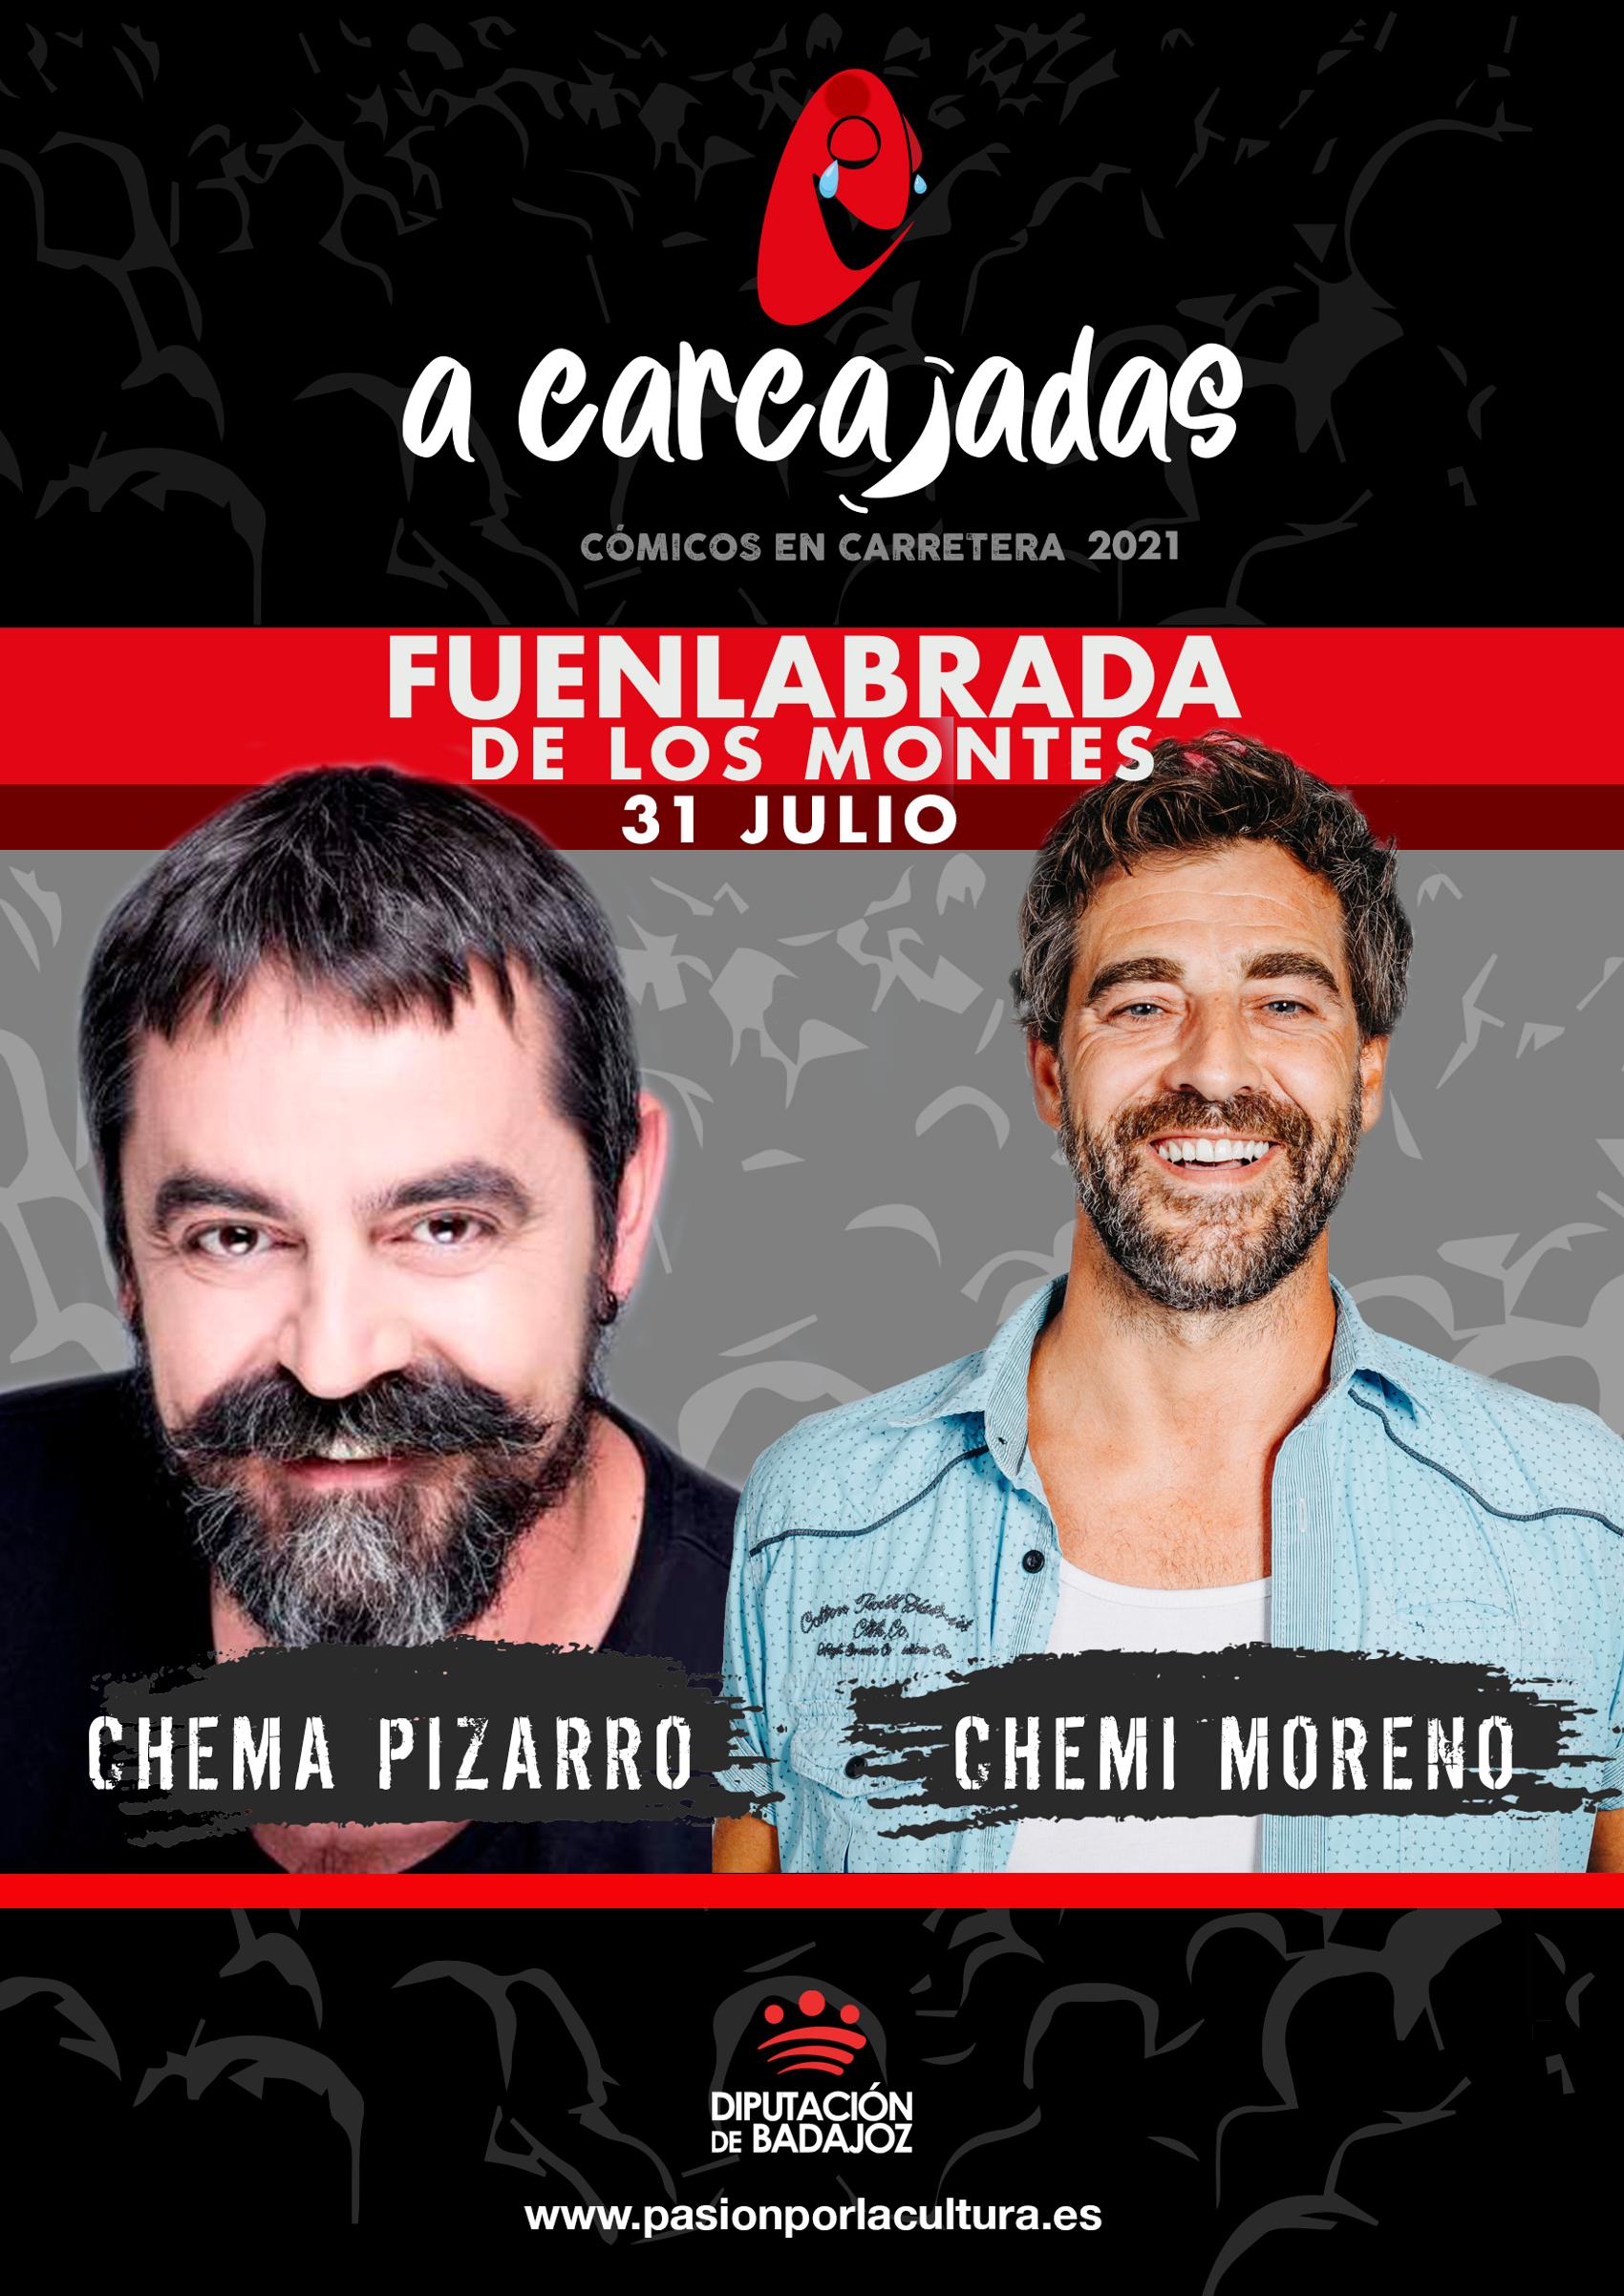 Imagen del Evento Chema Pizarro & Chemi Moreno